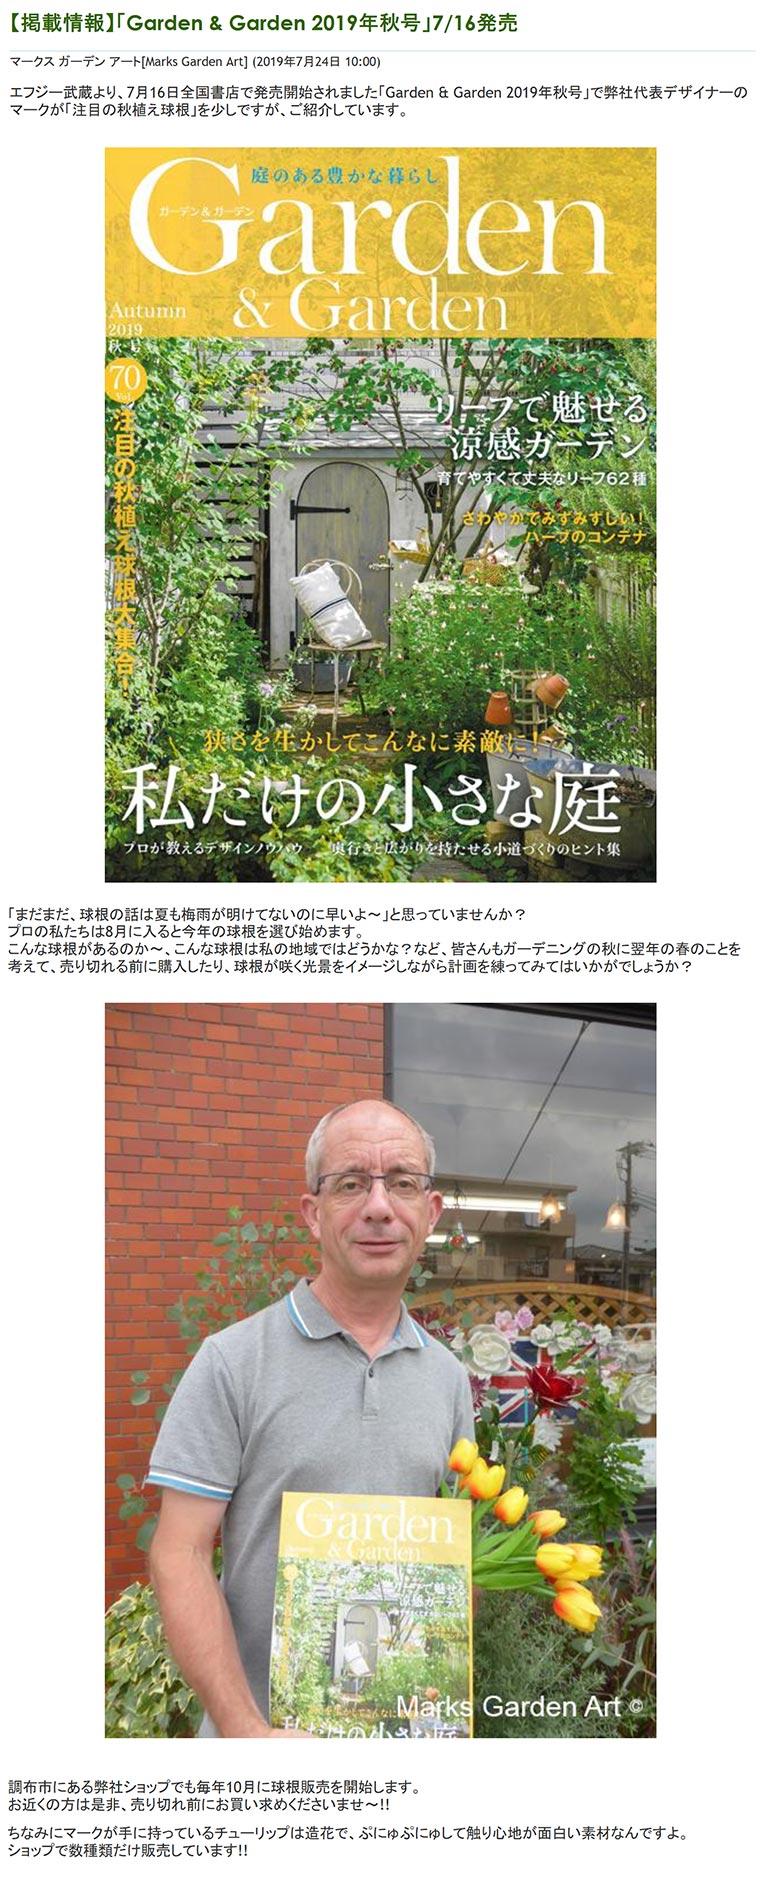 Garden & Garden 2019年秋号にて「注目の秋植え球根」をご紹介しています。「マークス ガーデン アート」マーク・チャップマン